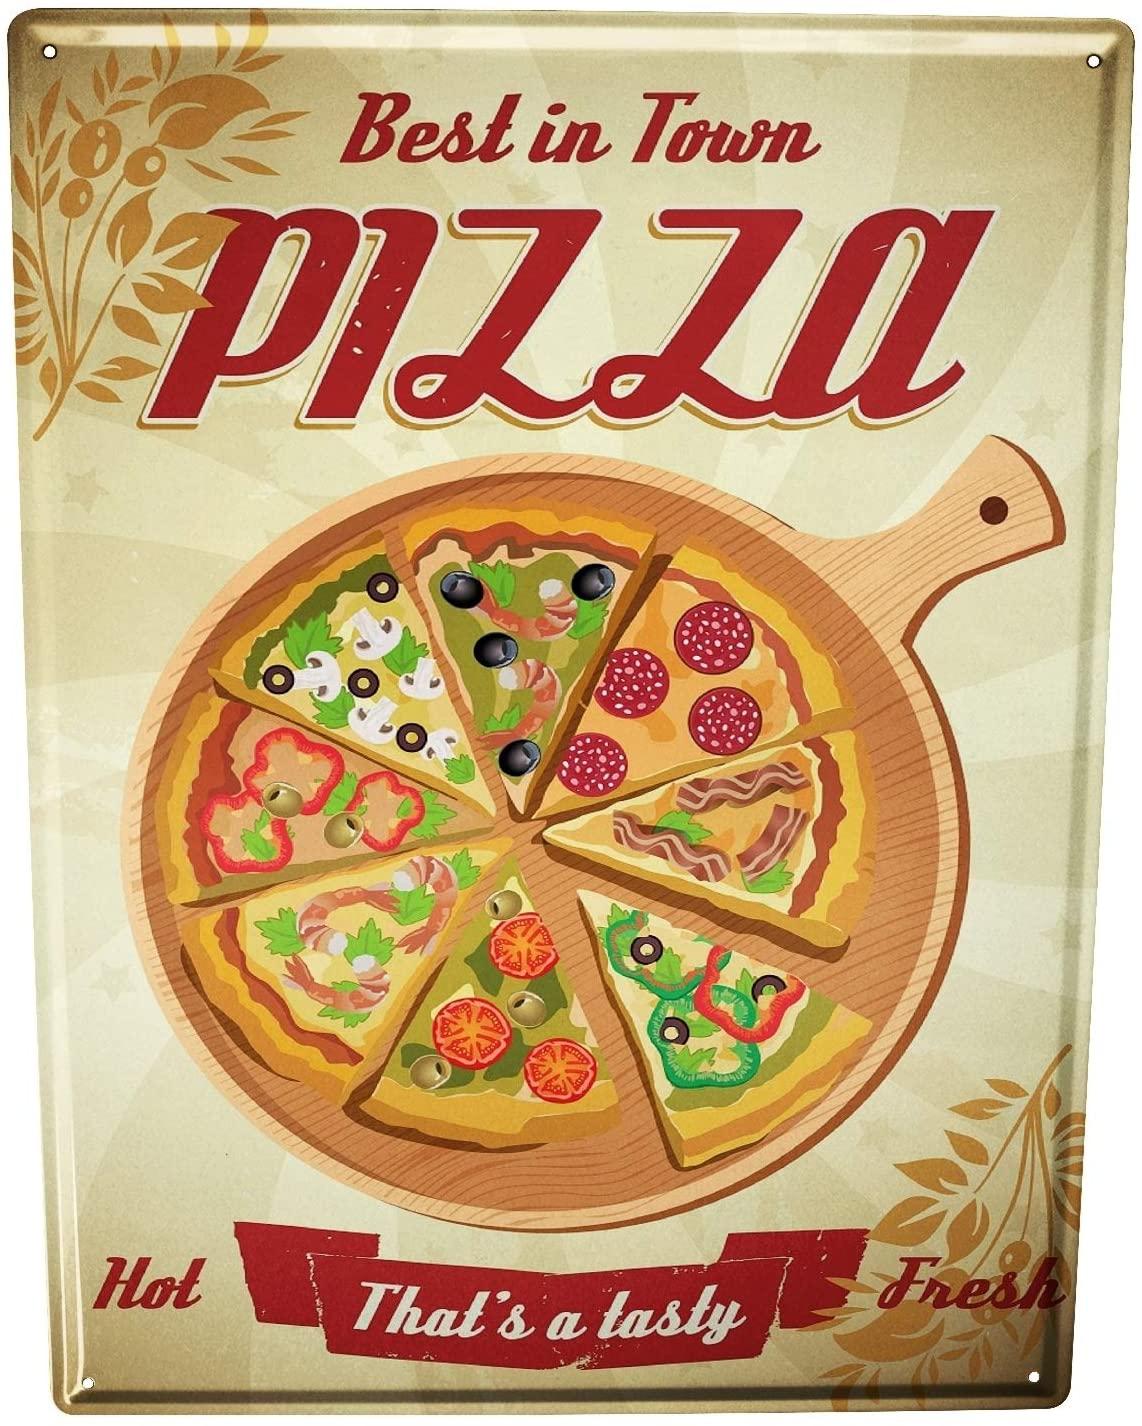 LEotiE SINCE 2004 Tin Sign Metal Plate Decorative Sign Home Decor Plaques 30 x 40 cm Food Restaurant Pizza